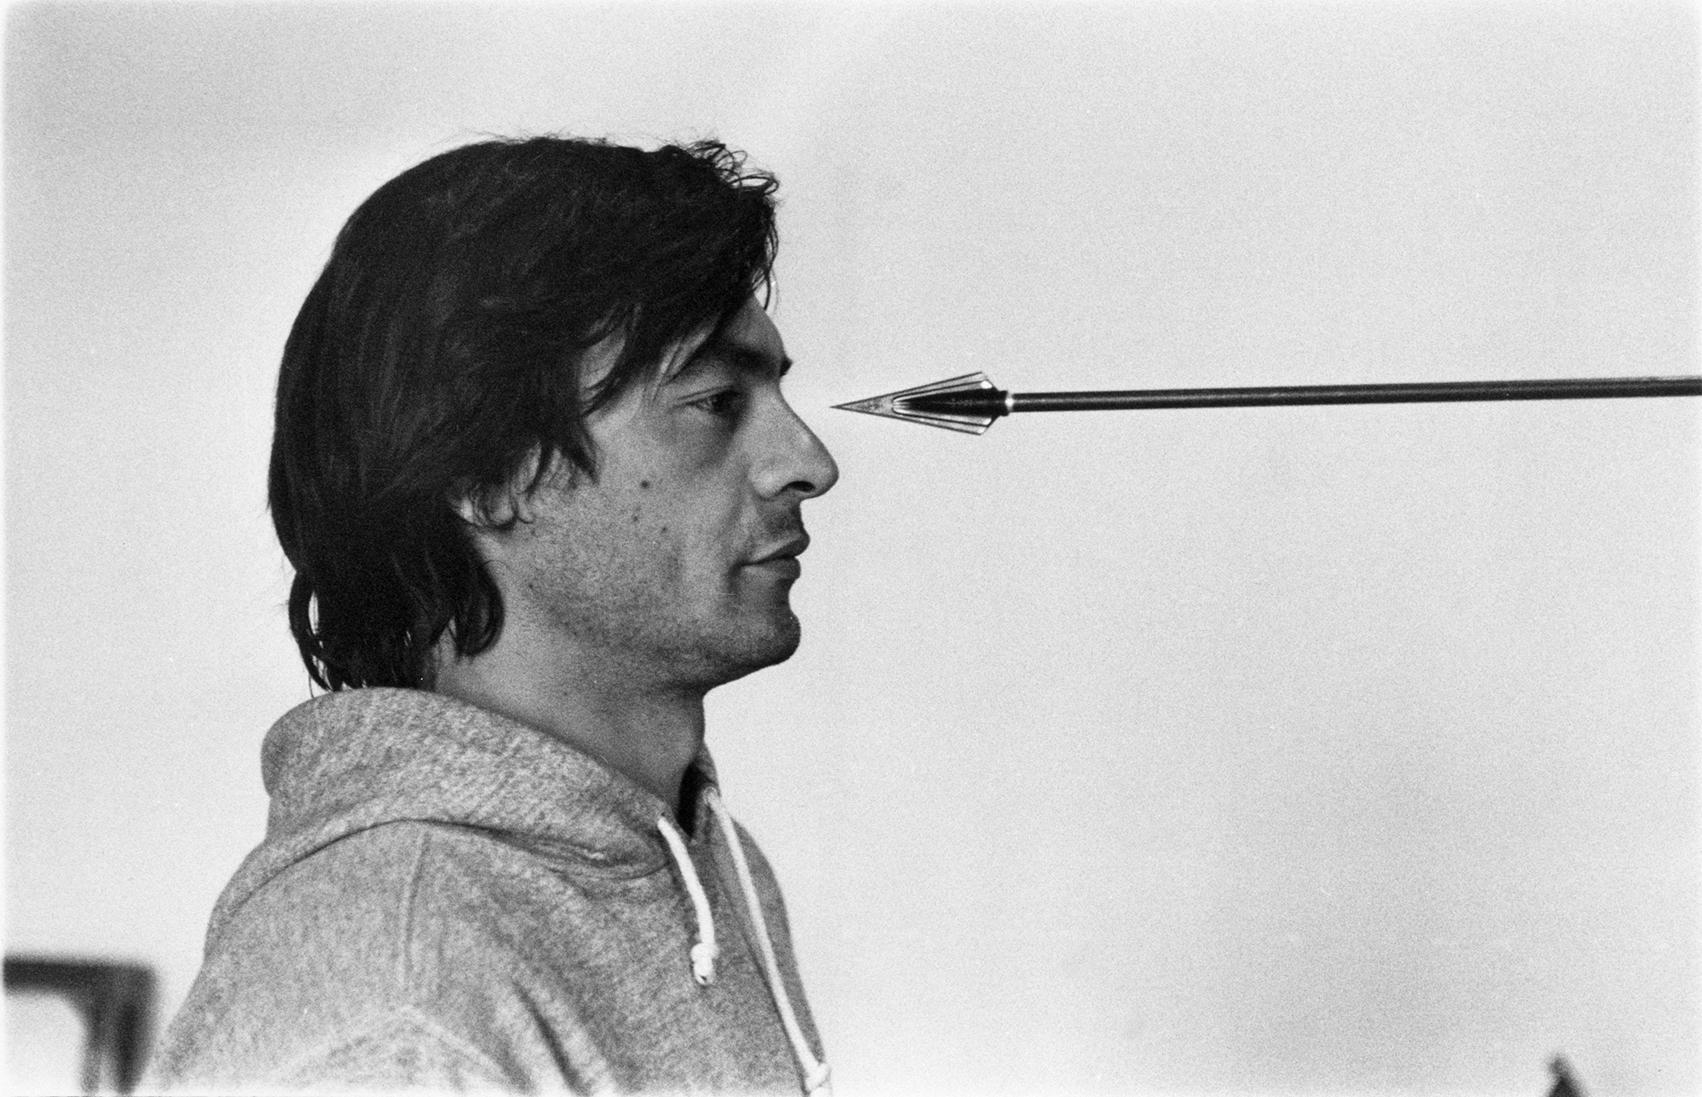 Maurizio Mochetti 1970 - 2016